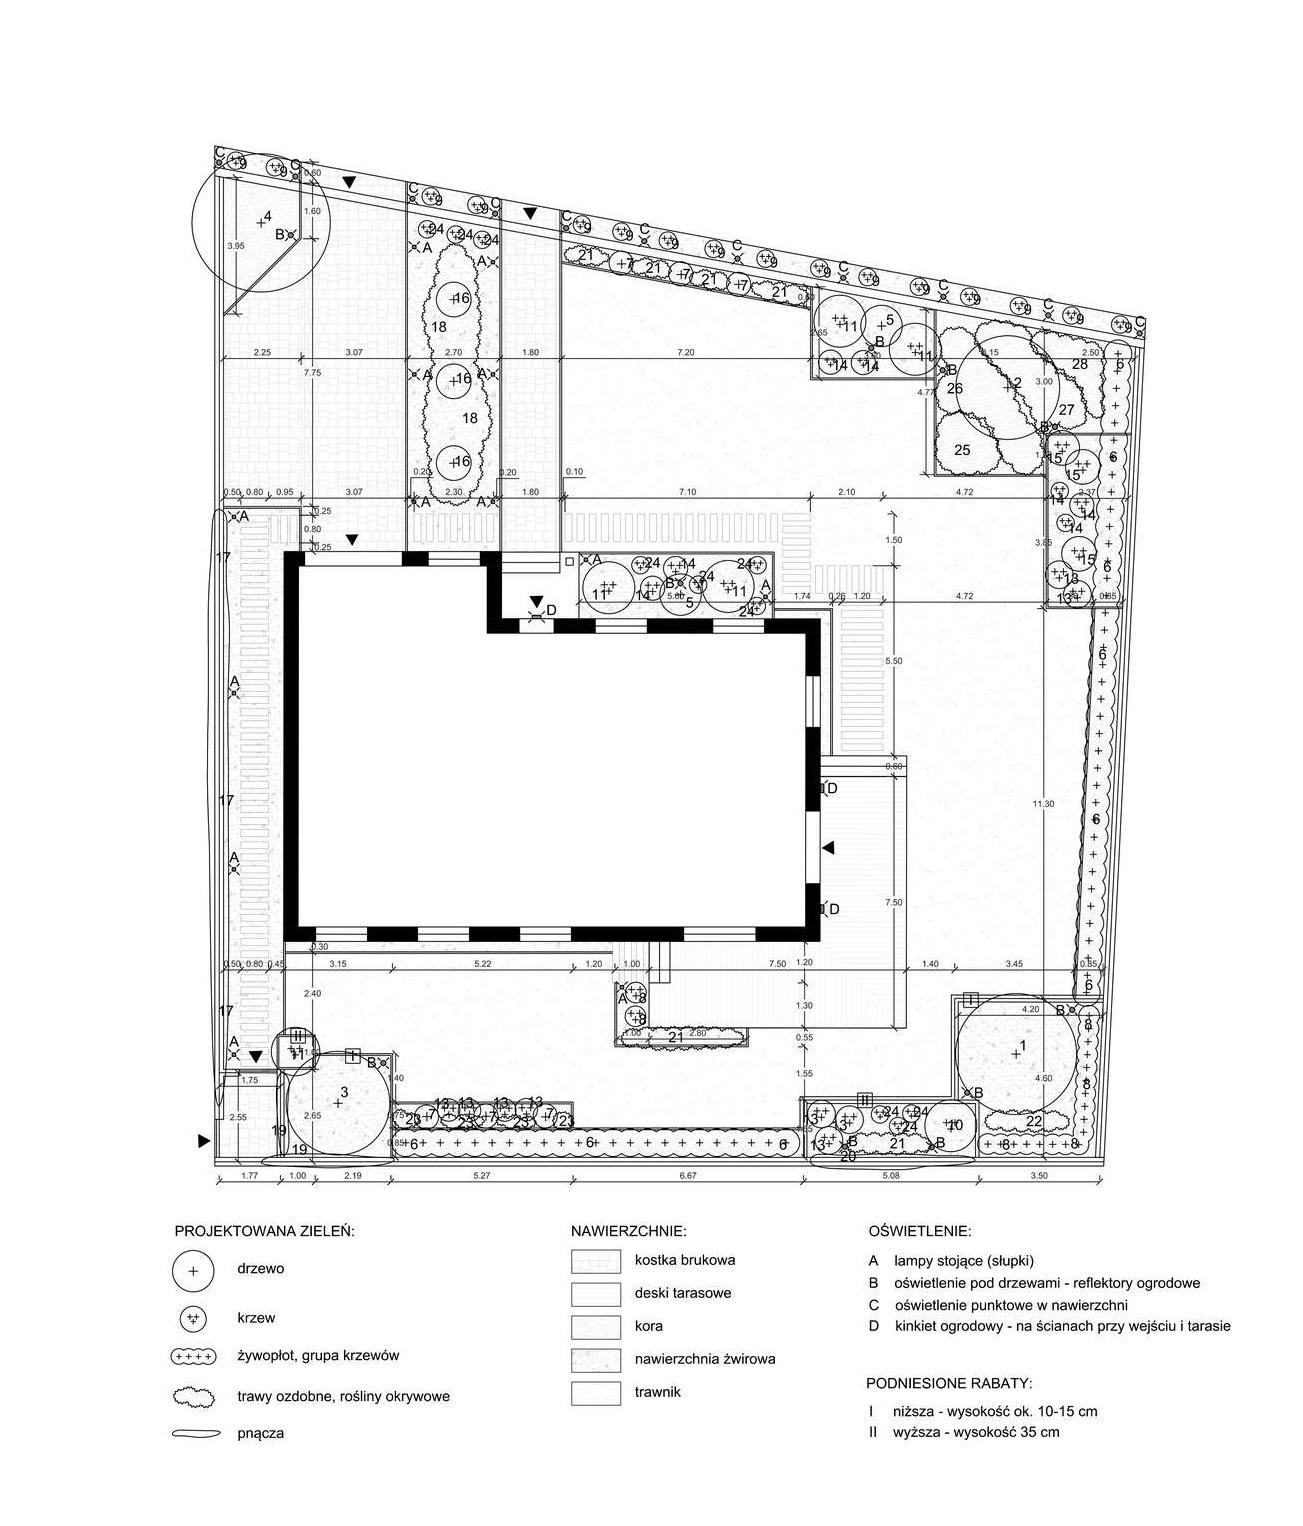 nowoczesny ogród geometryczny - projekt wykonawczy ogrodu